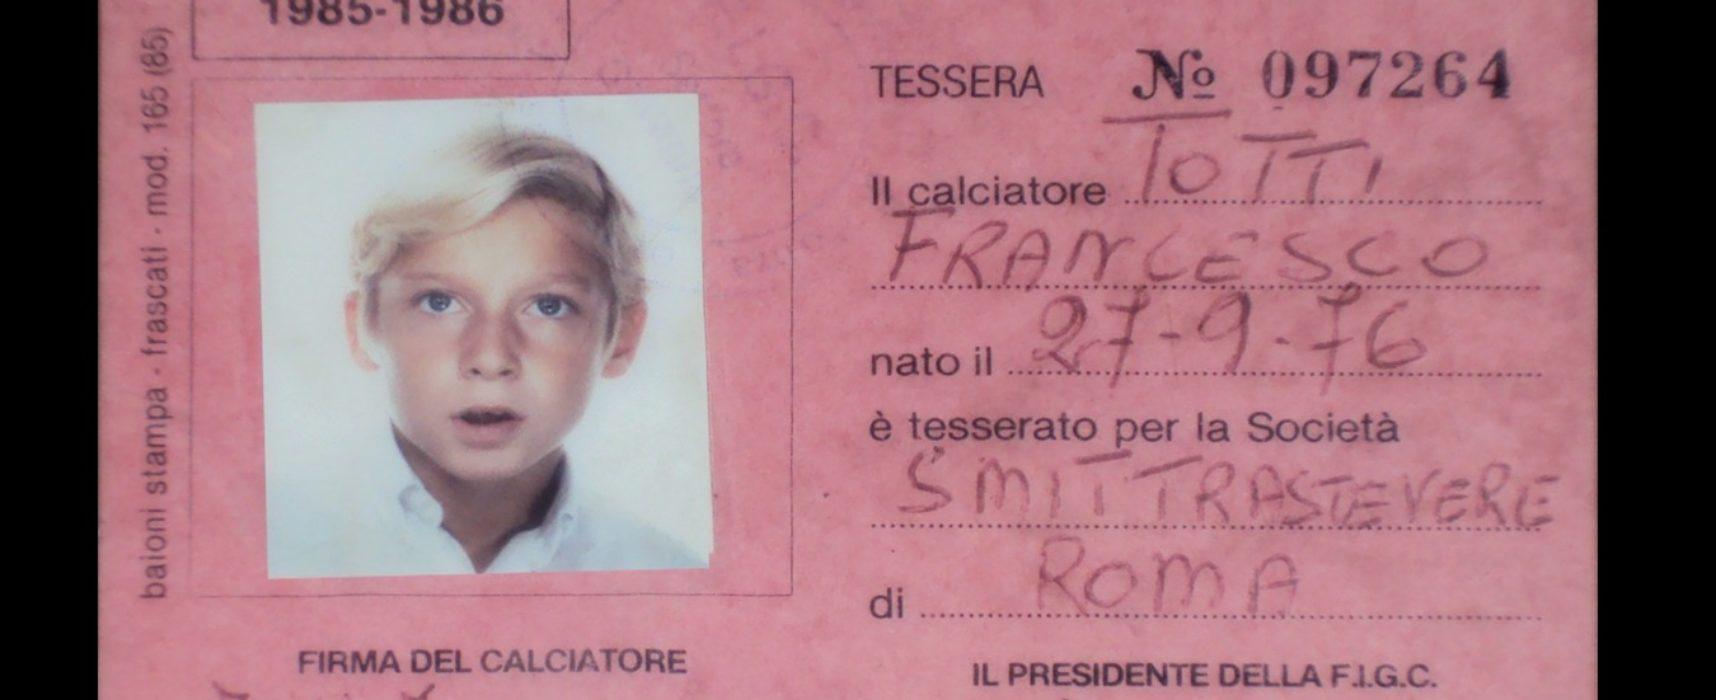 Le parole del Presidente Betturri nel giorno dell'addio di Francesco Totti alla As Roma.